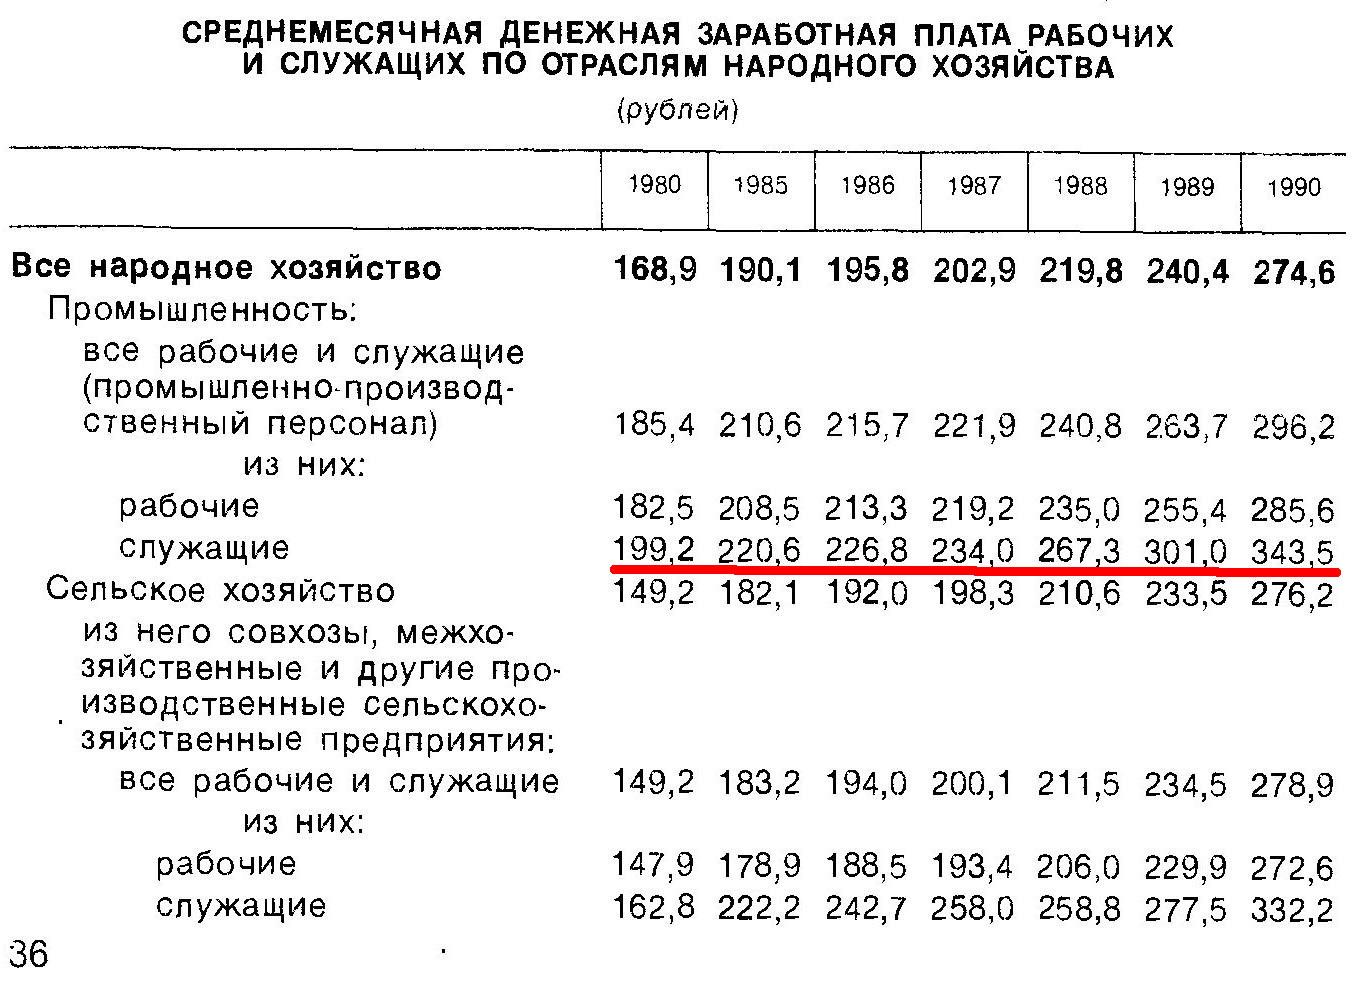 Могла ли семья инженеров в СССР покупать мясо на рынке?